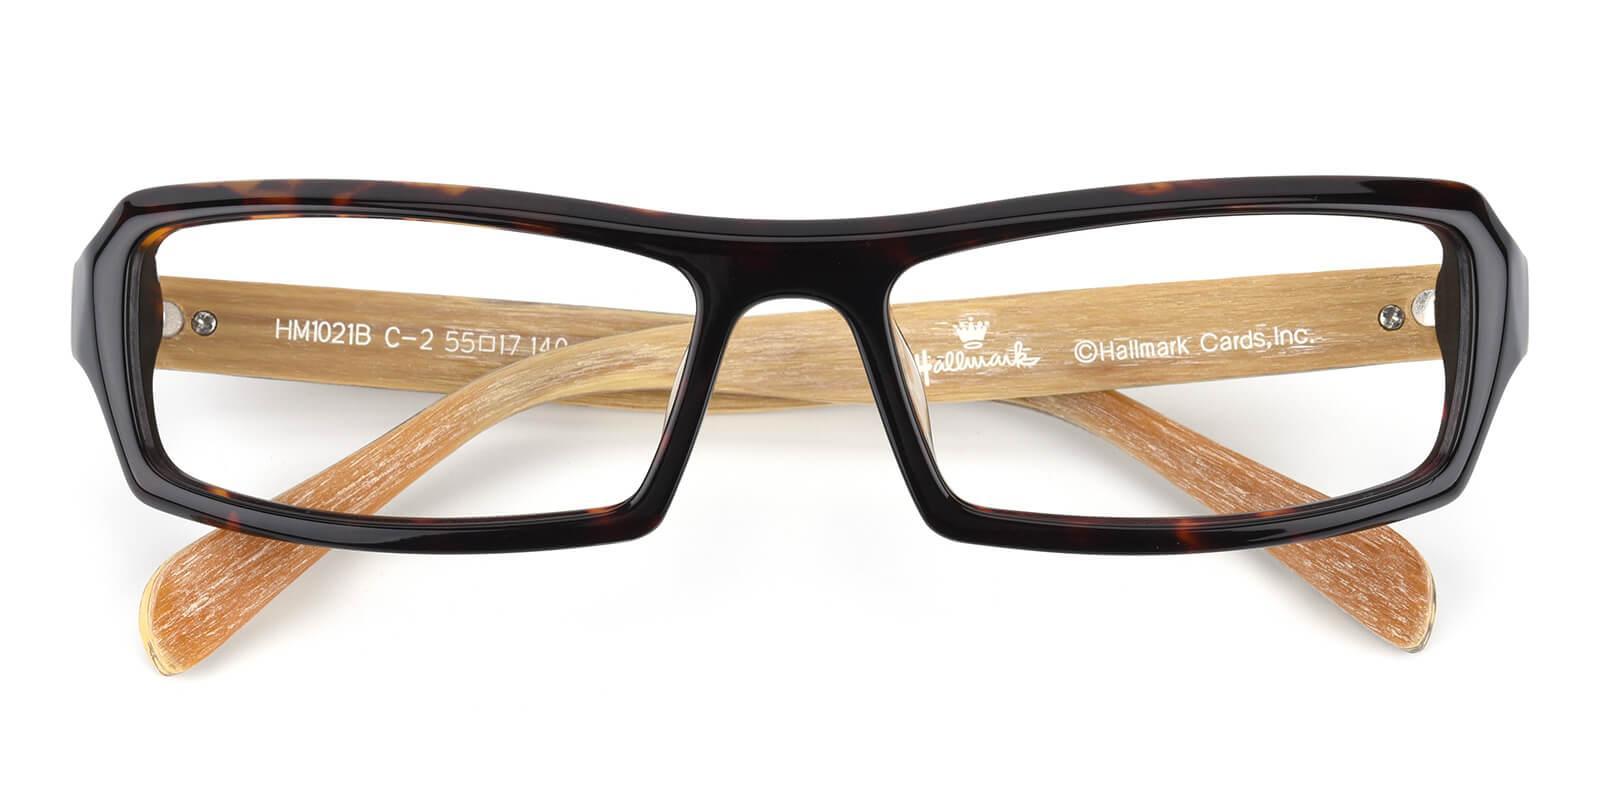 Deaphen-Tortoise-Rectangle-Acetate-Eyeglasses-detail